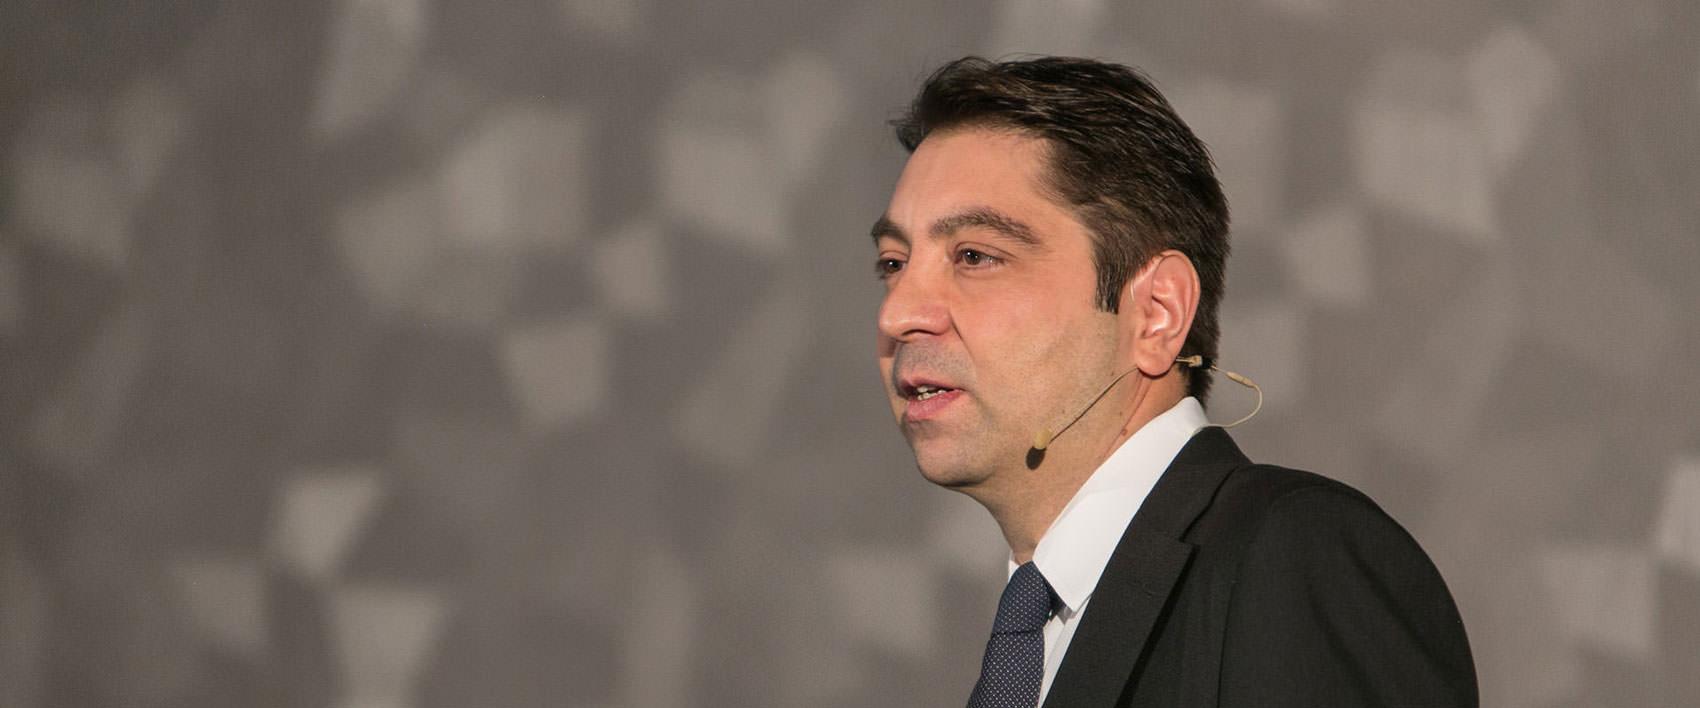 Dr. Kaymak beim Vortrag